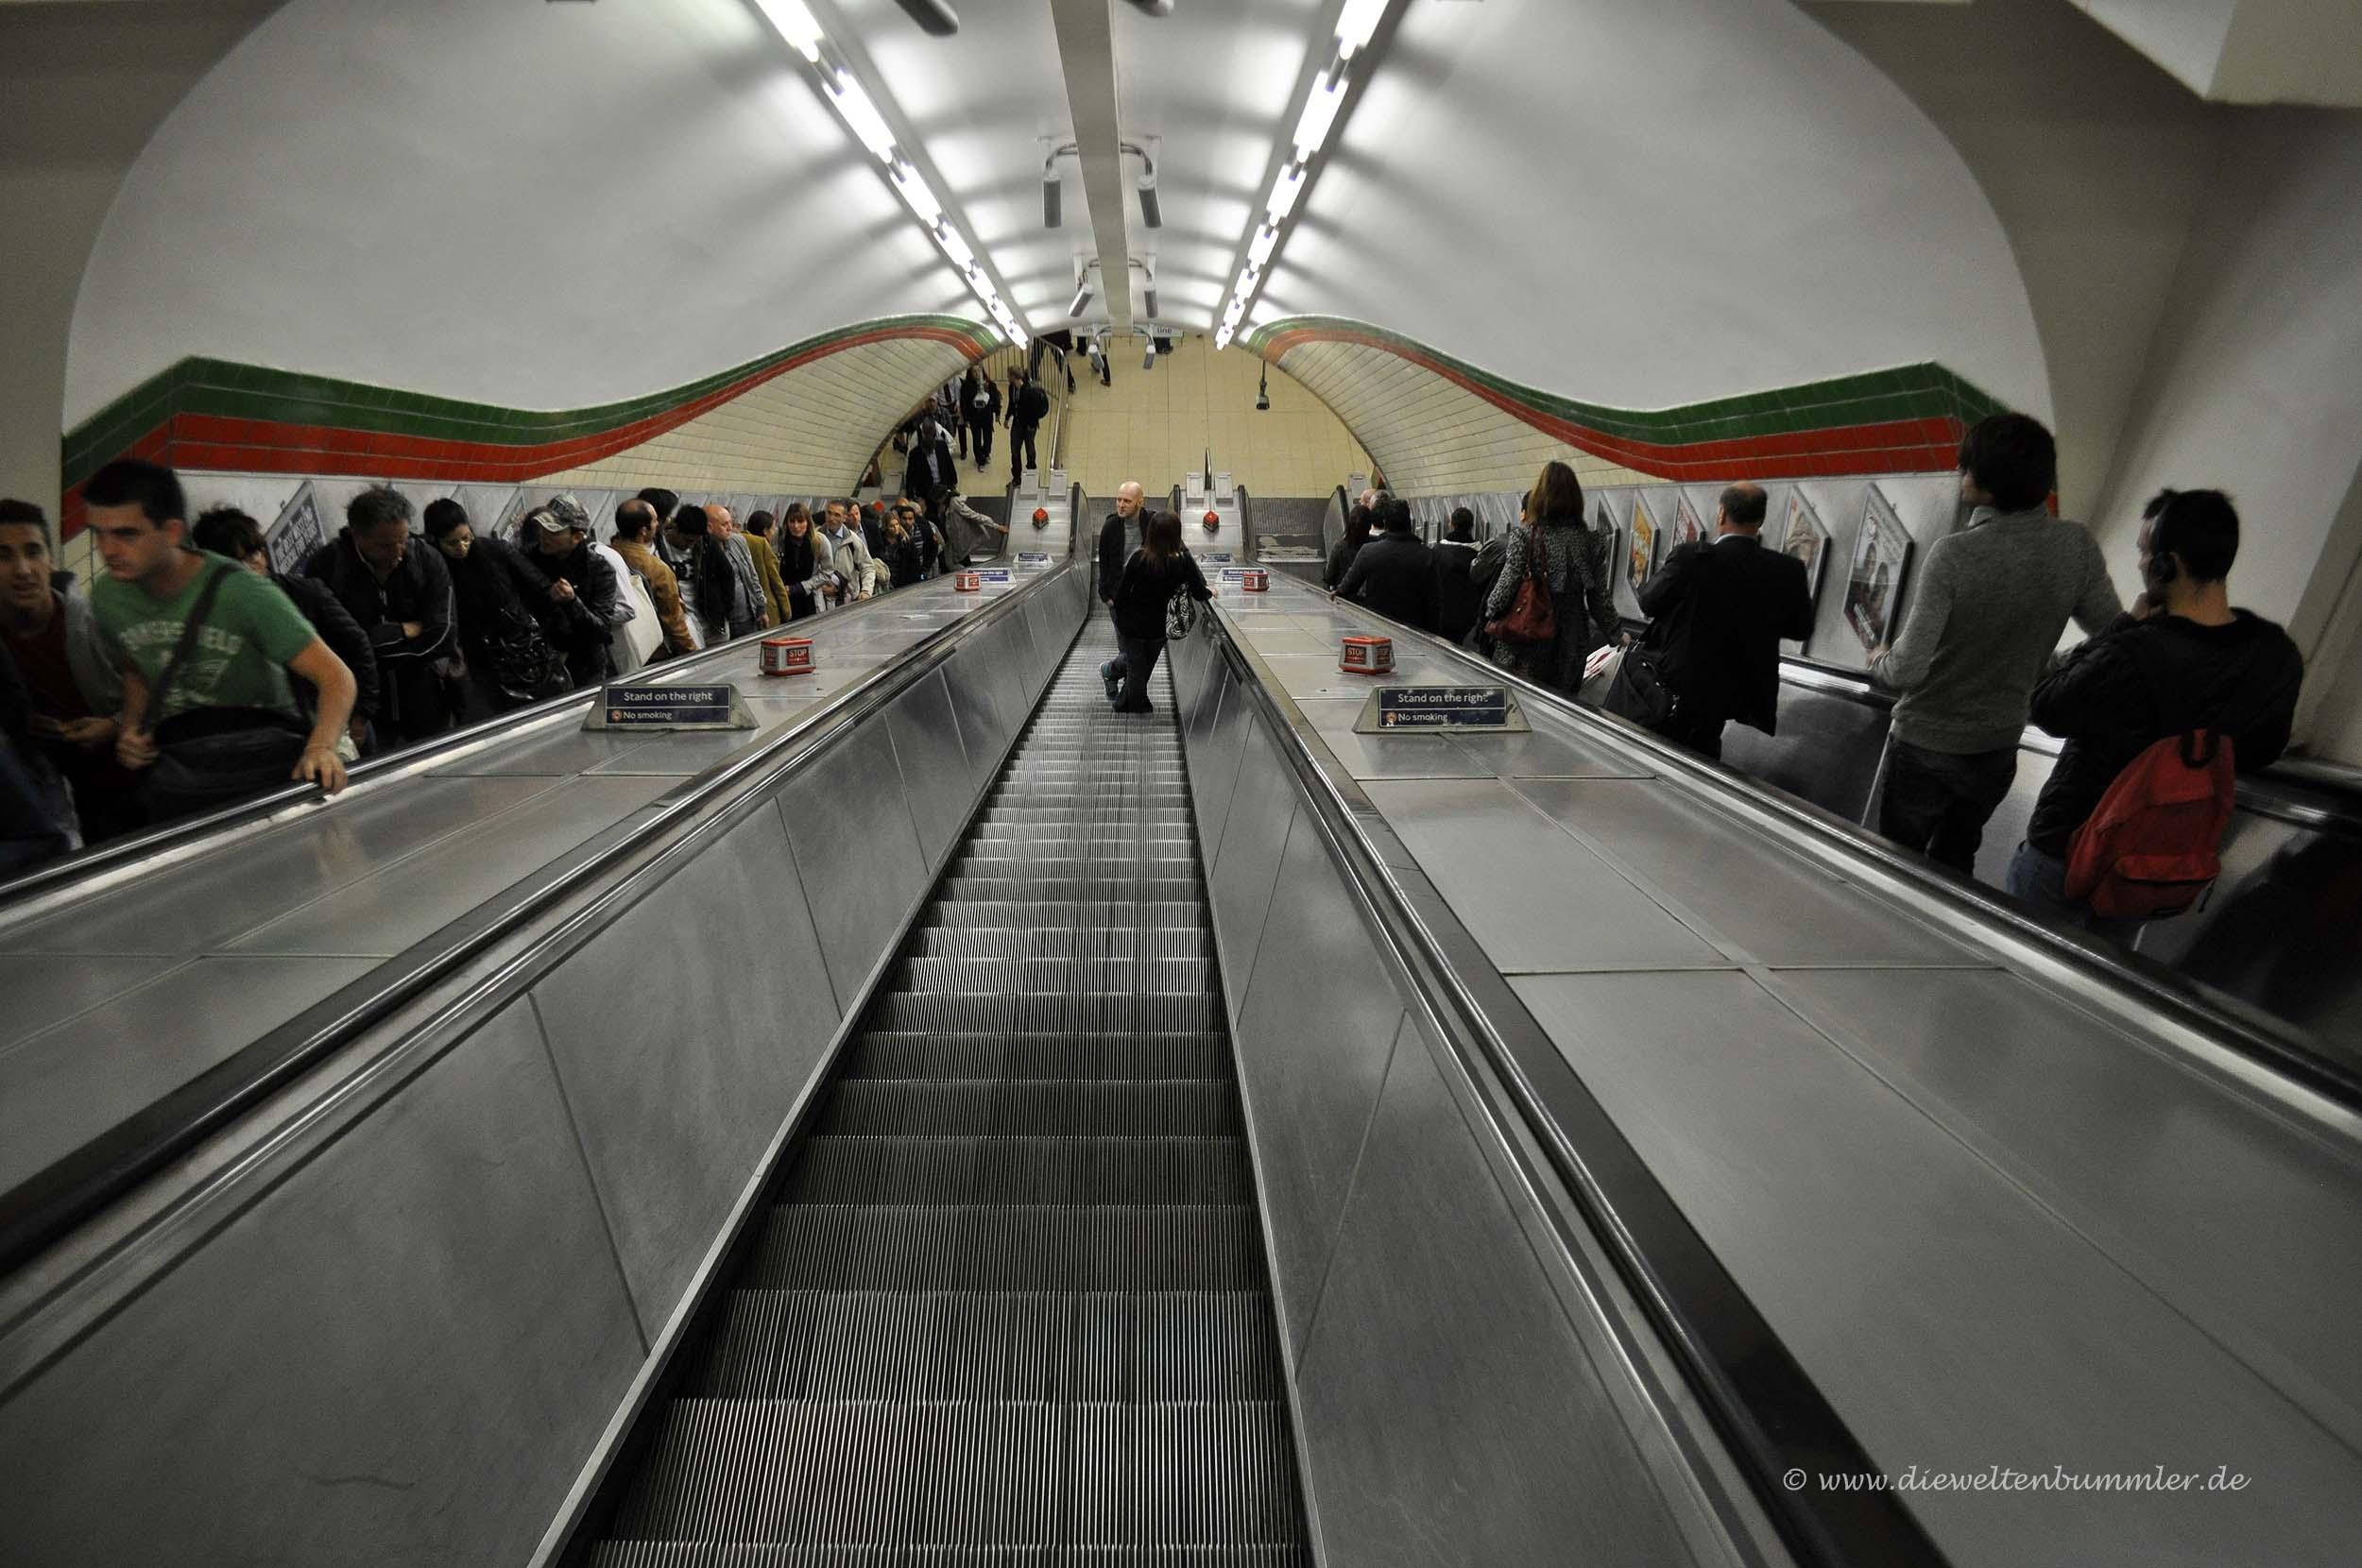 Rolltreppe in der Londoner Tube